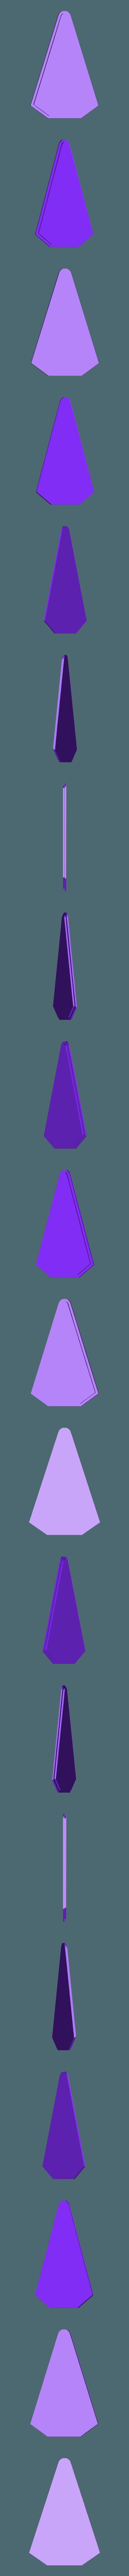 head-diffuser.stl Download free STL file MX MIDI Guitar • 3D print model, Adafruit